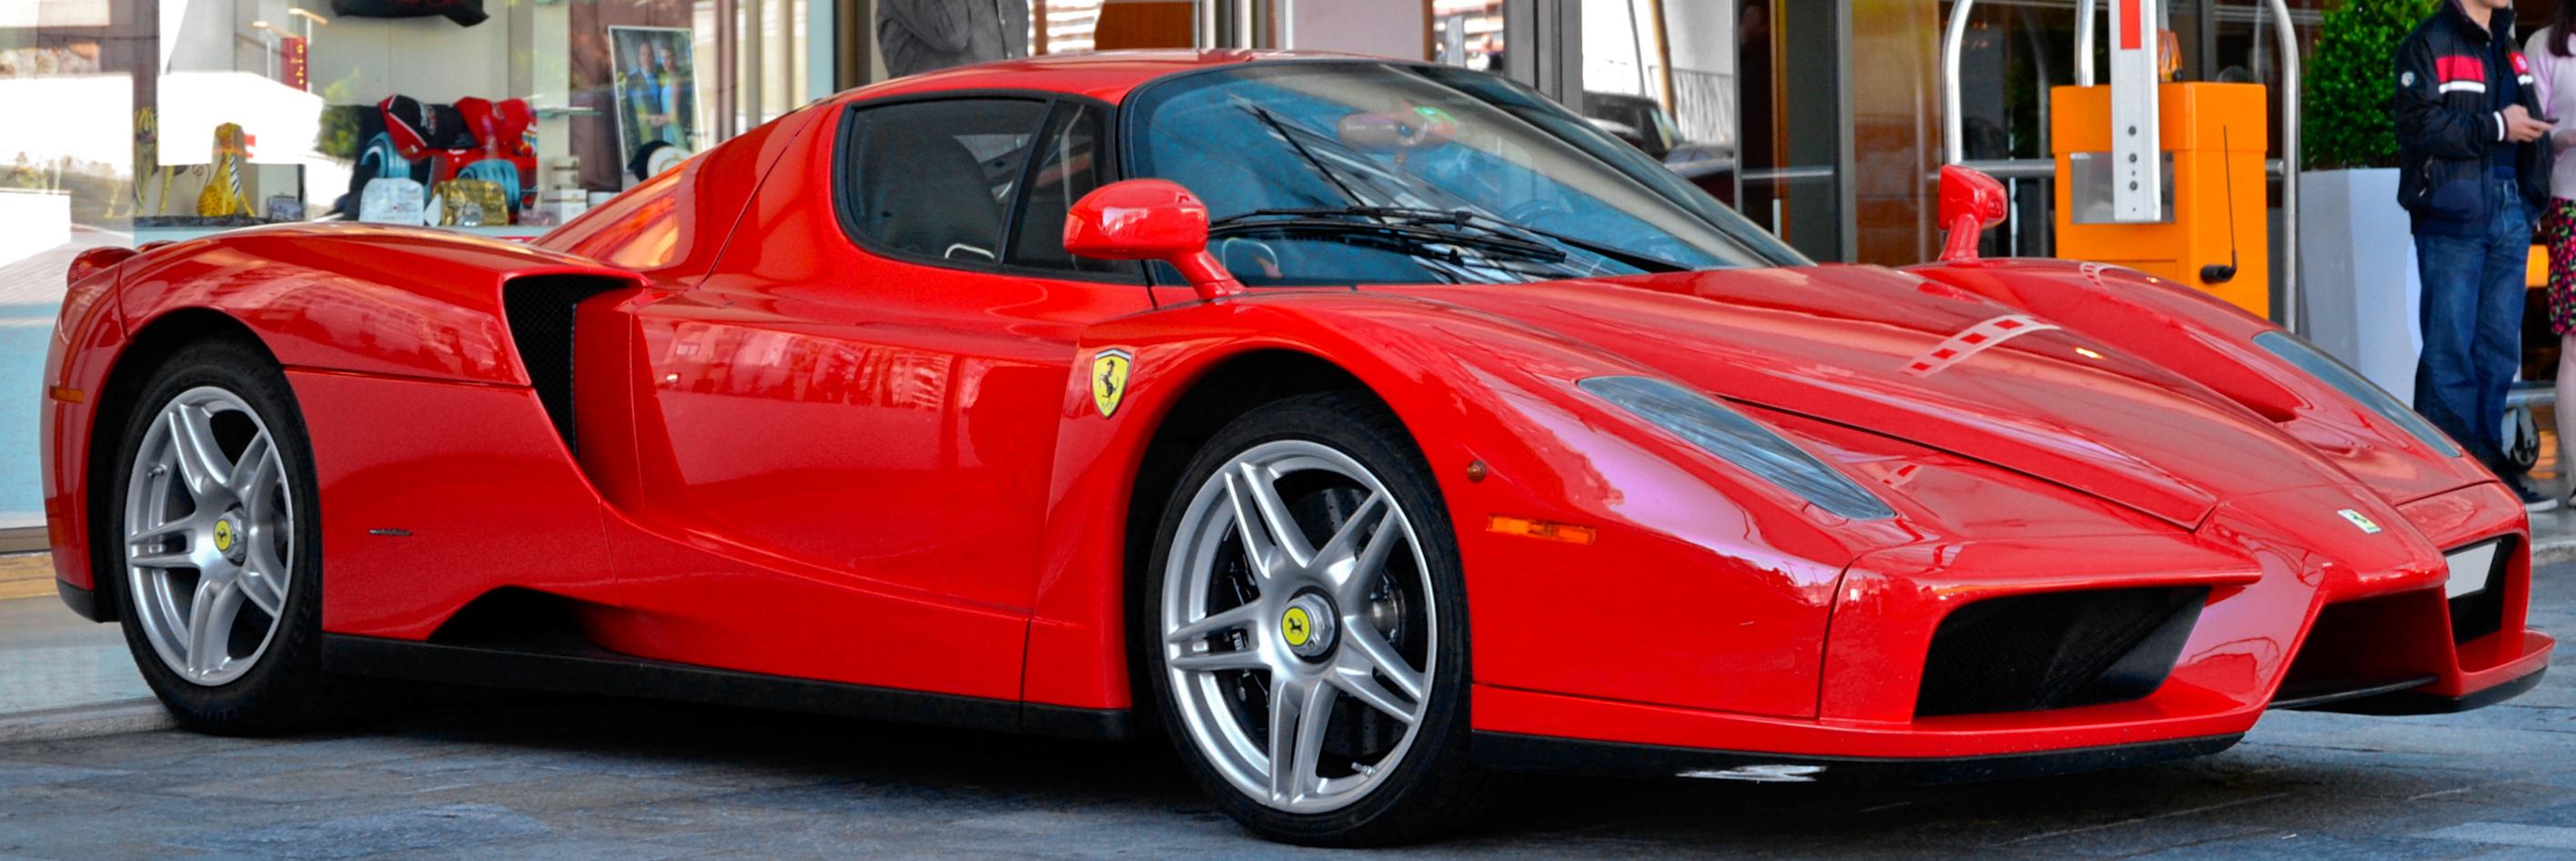 File Ferrari Enzo Flickr Alexandre Prevot 1 Cropped Jpg Wikimedia Commons